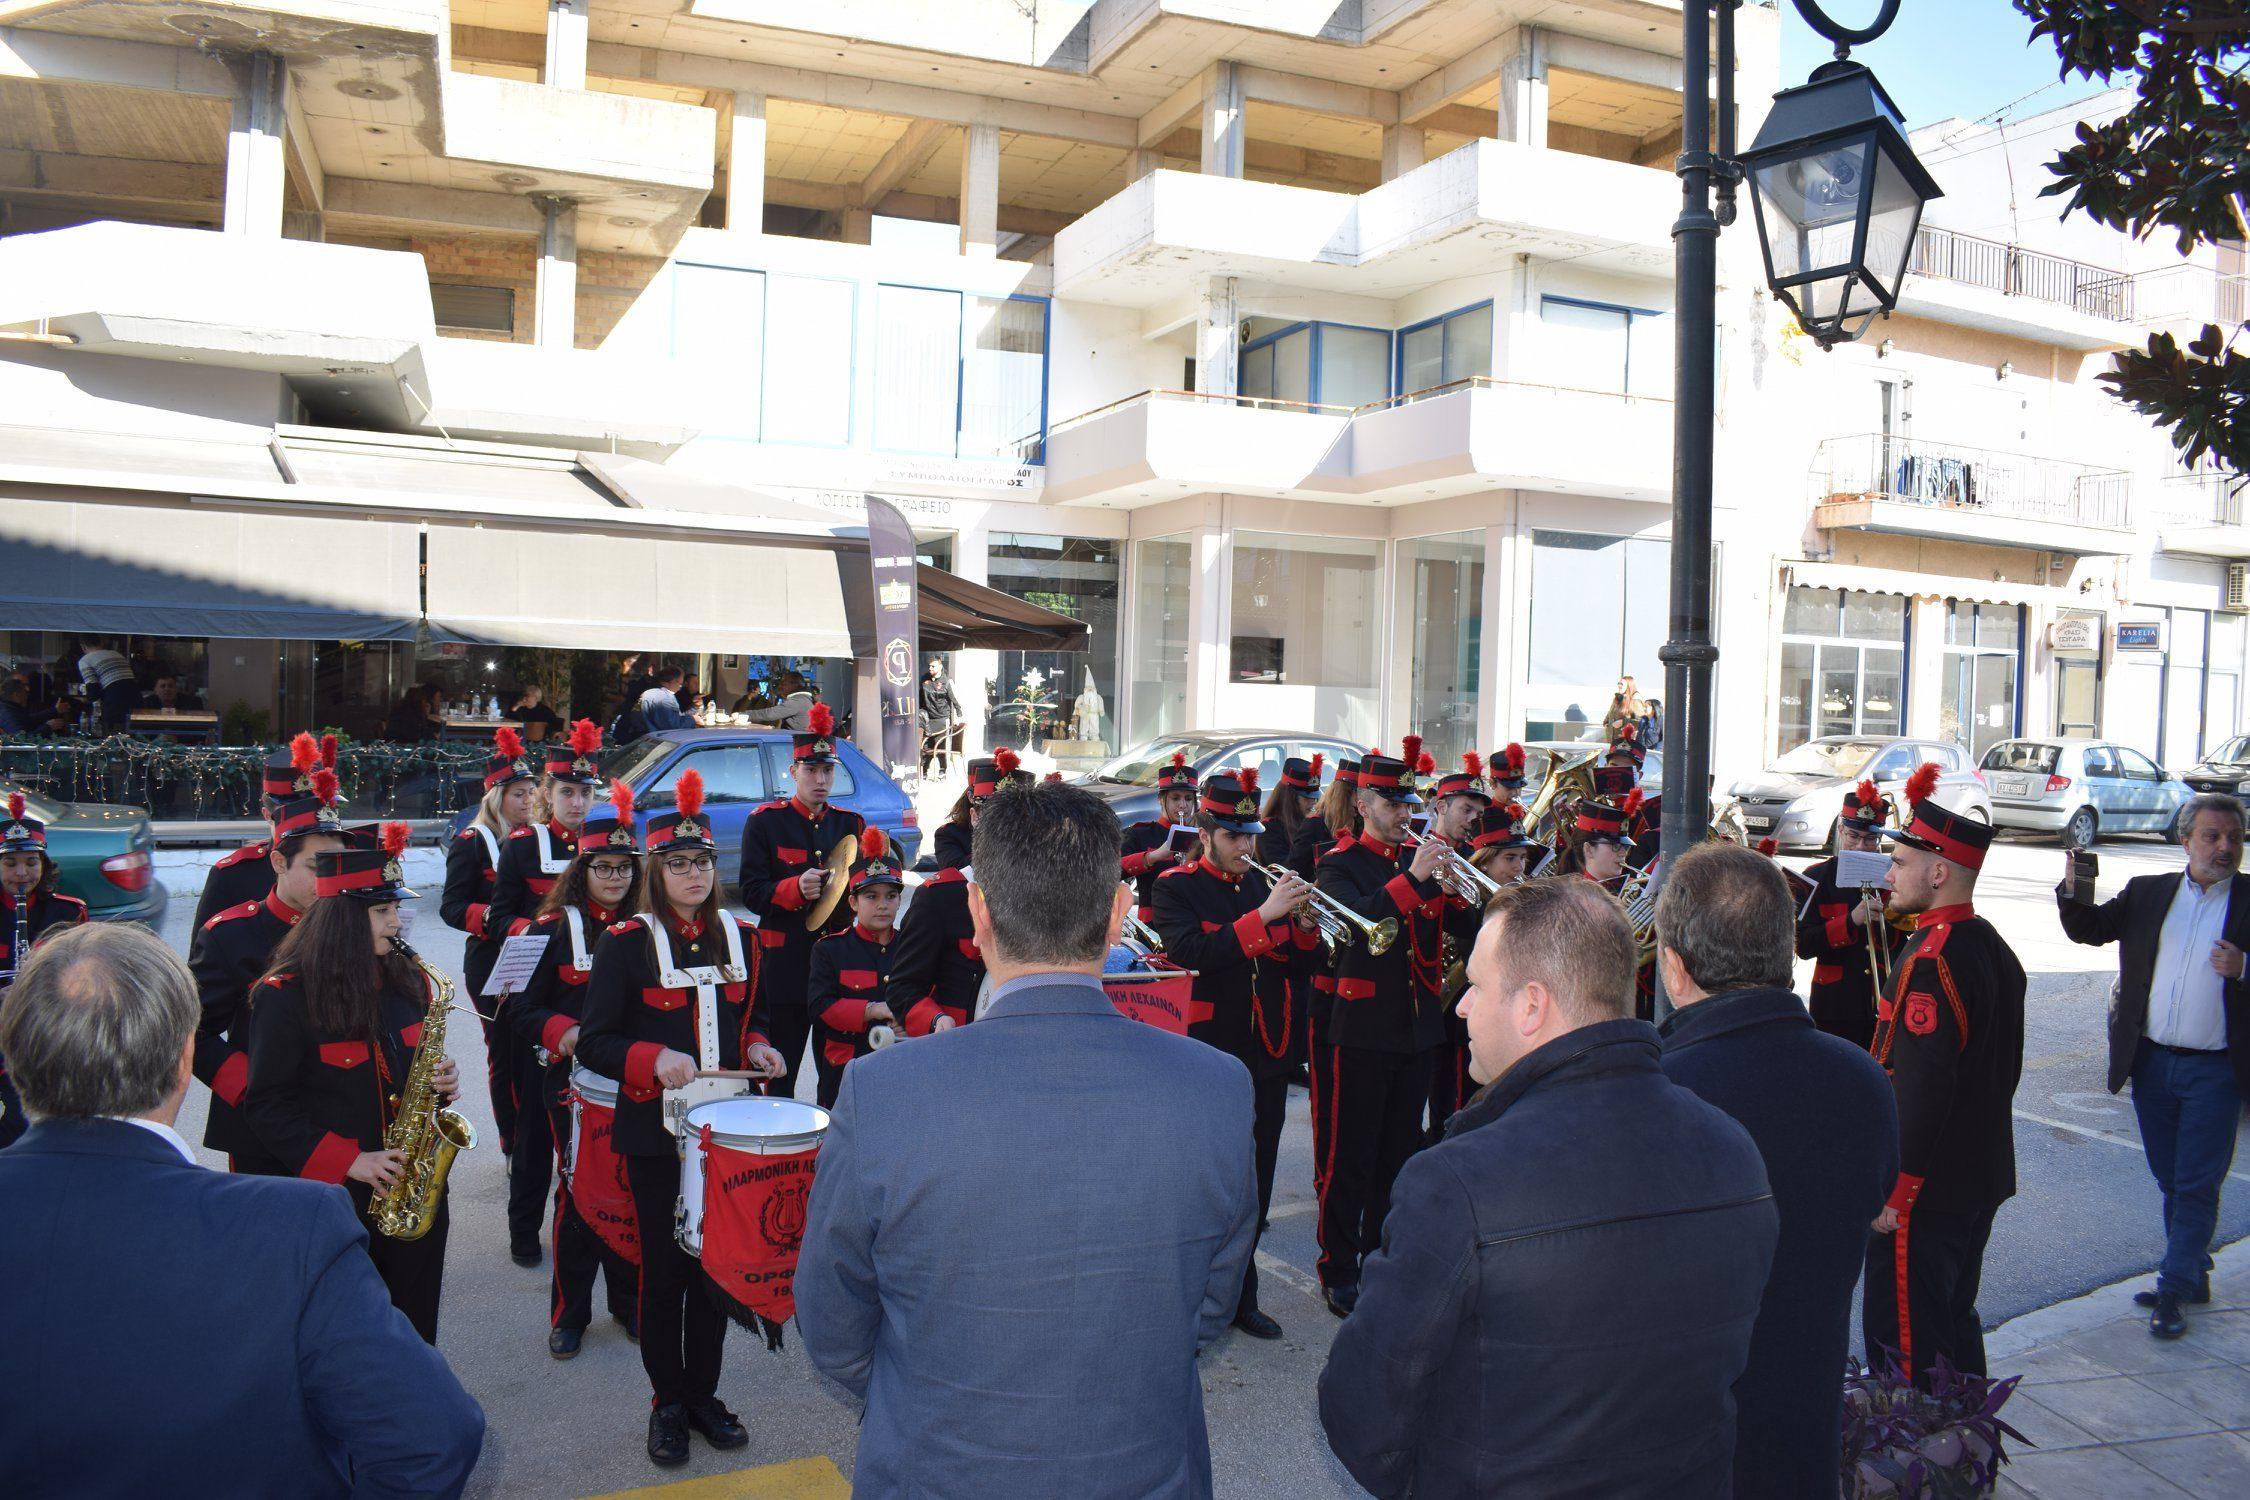 Λεχαινά: Πρωτοχρονιάτικα κάλαντα στον Δήμαρχο Ανδραβίδας-Κυλλήνης Γιάννη Λέντζα